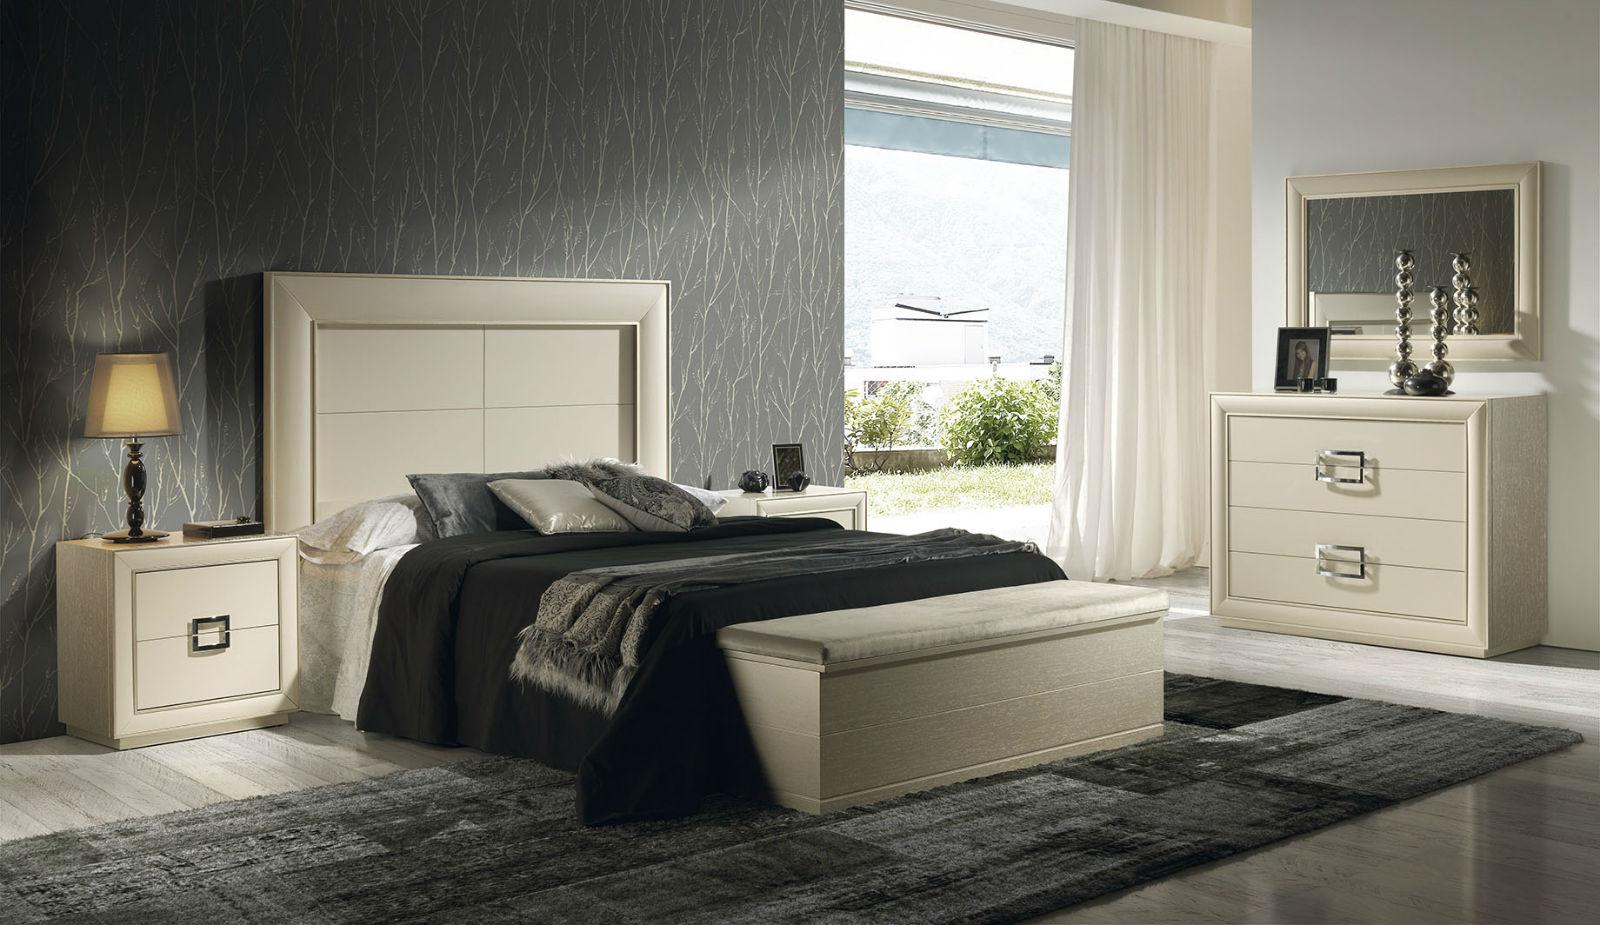 Dormitorio Blanco Crema